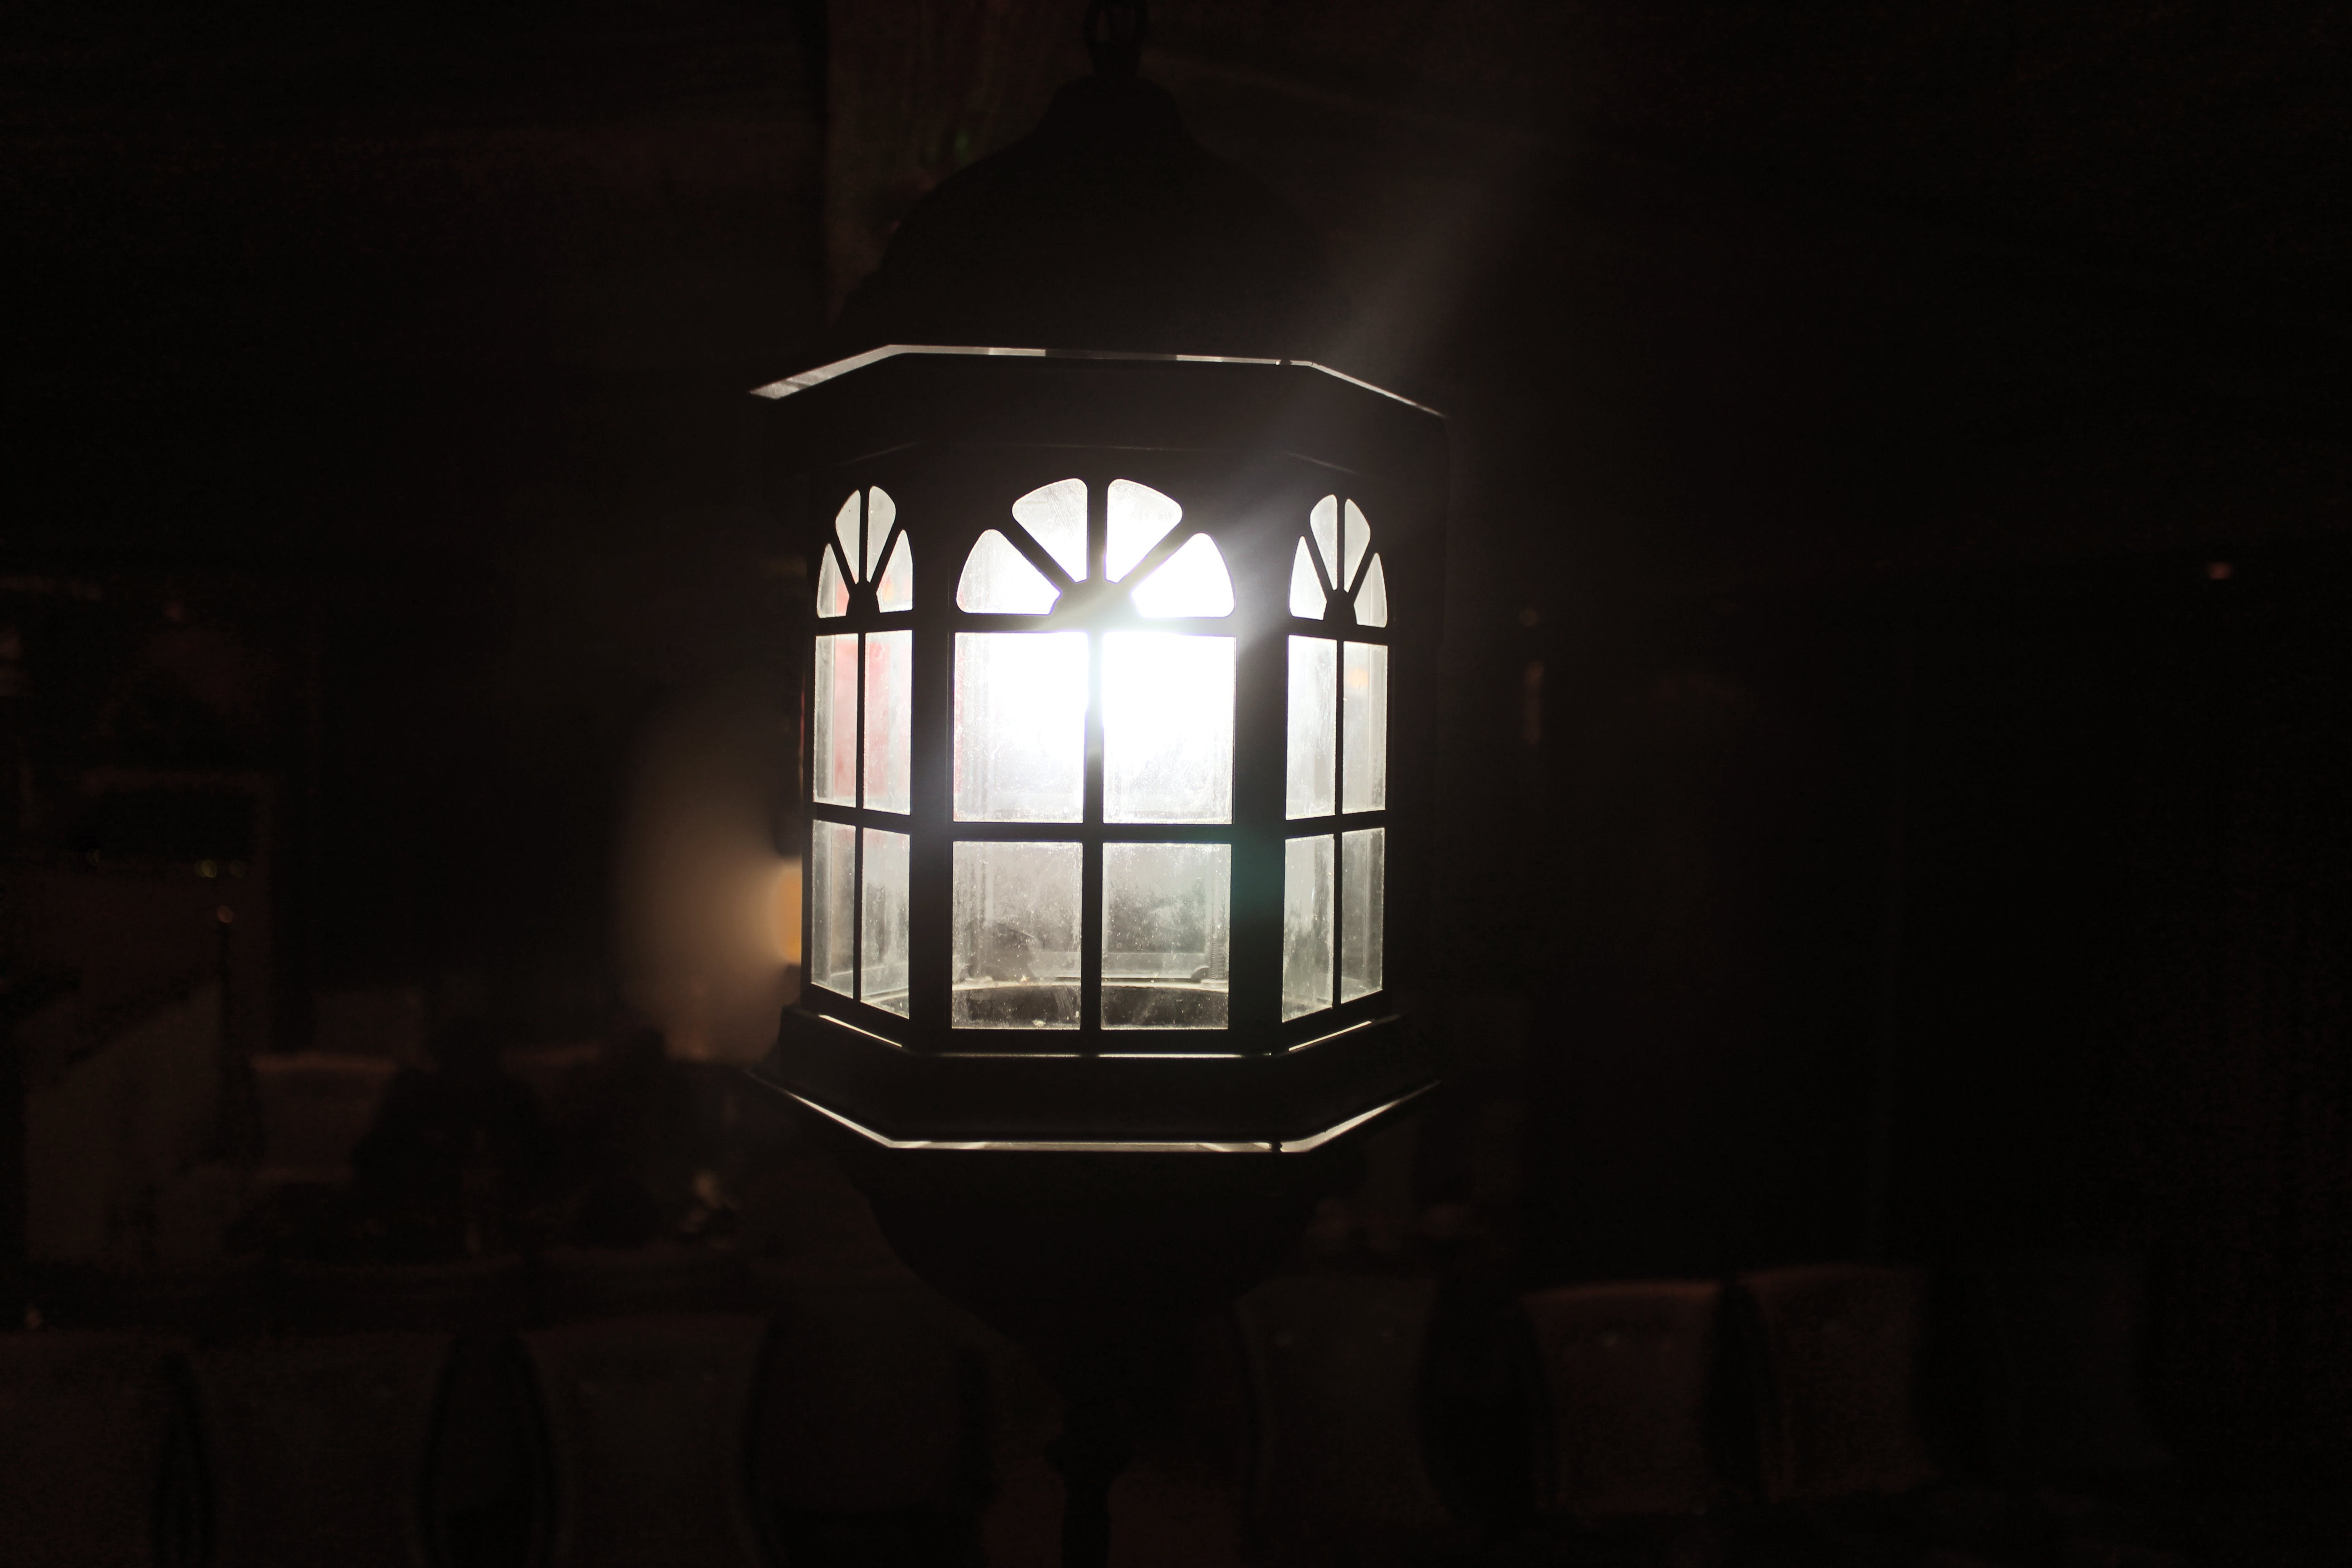 Free stock photo of light, lamp, beam